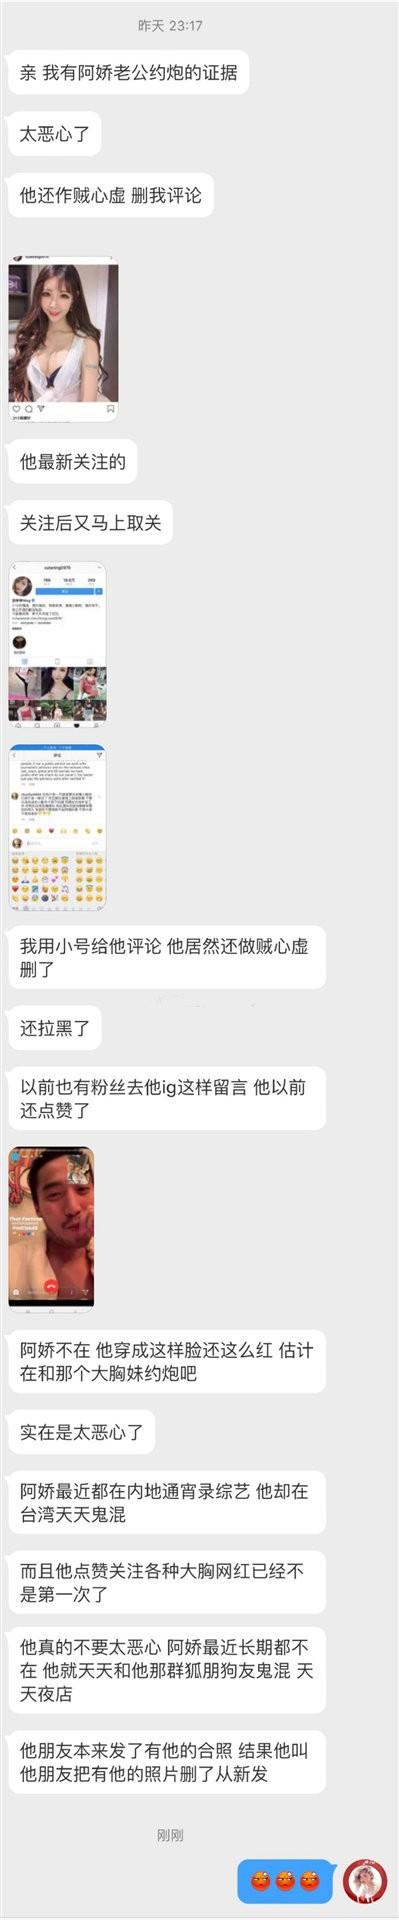 VZN News: Xót xa cho Chung Hân Đồng: Netizen tóm gọn bằng chứng ông xã Lại Hoằng Quốc ngoại tình với hotgirl ngực khủng? - Ảnh 3.